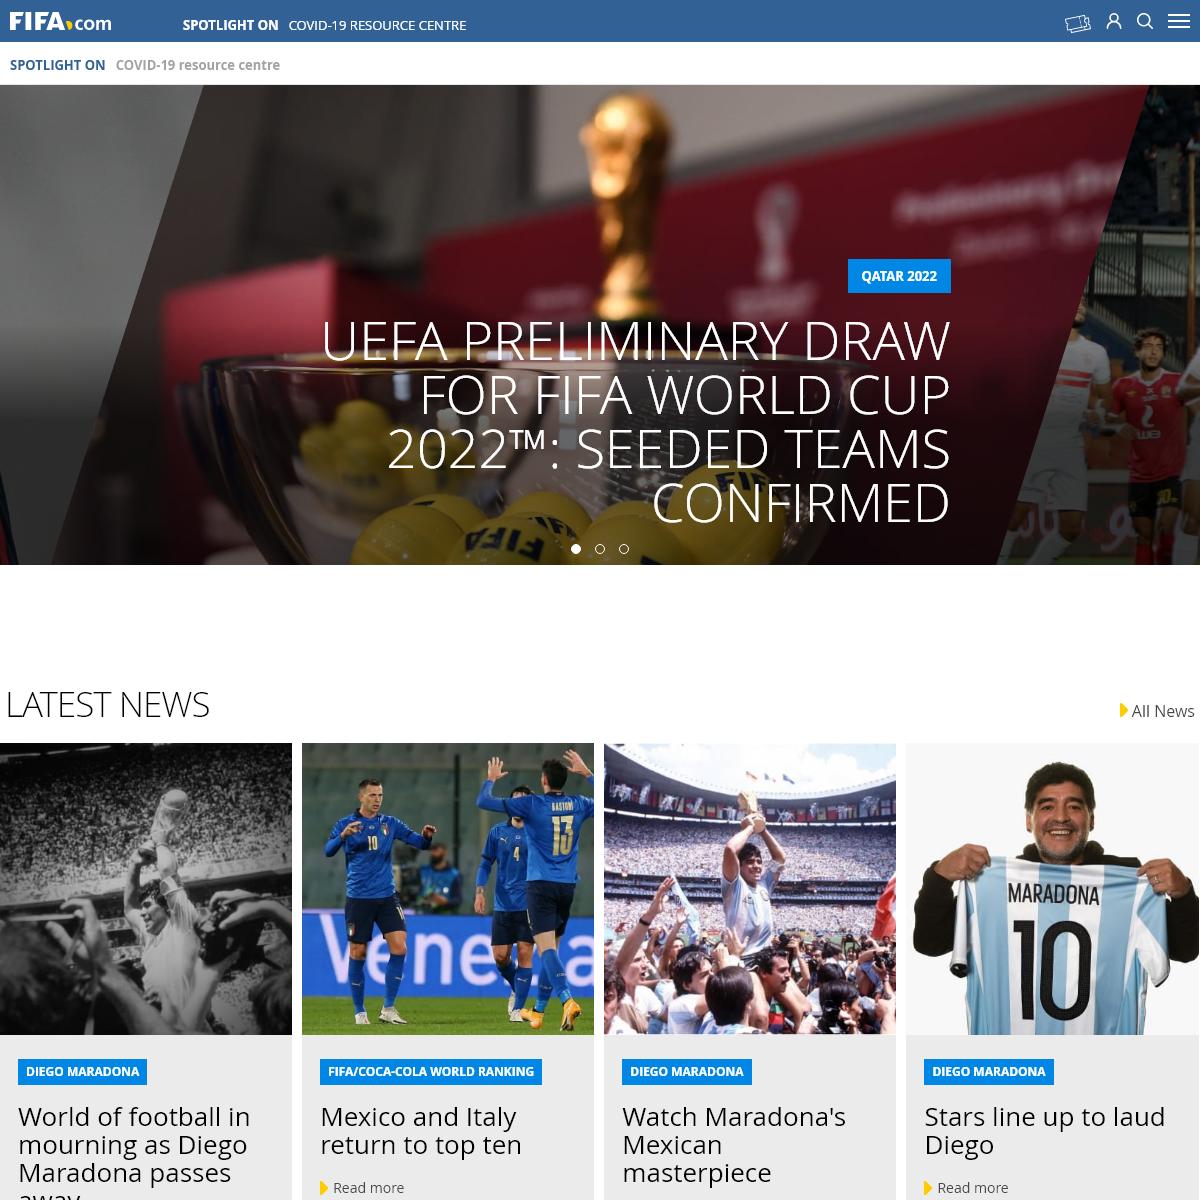 FIFA - FIFA.com